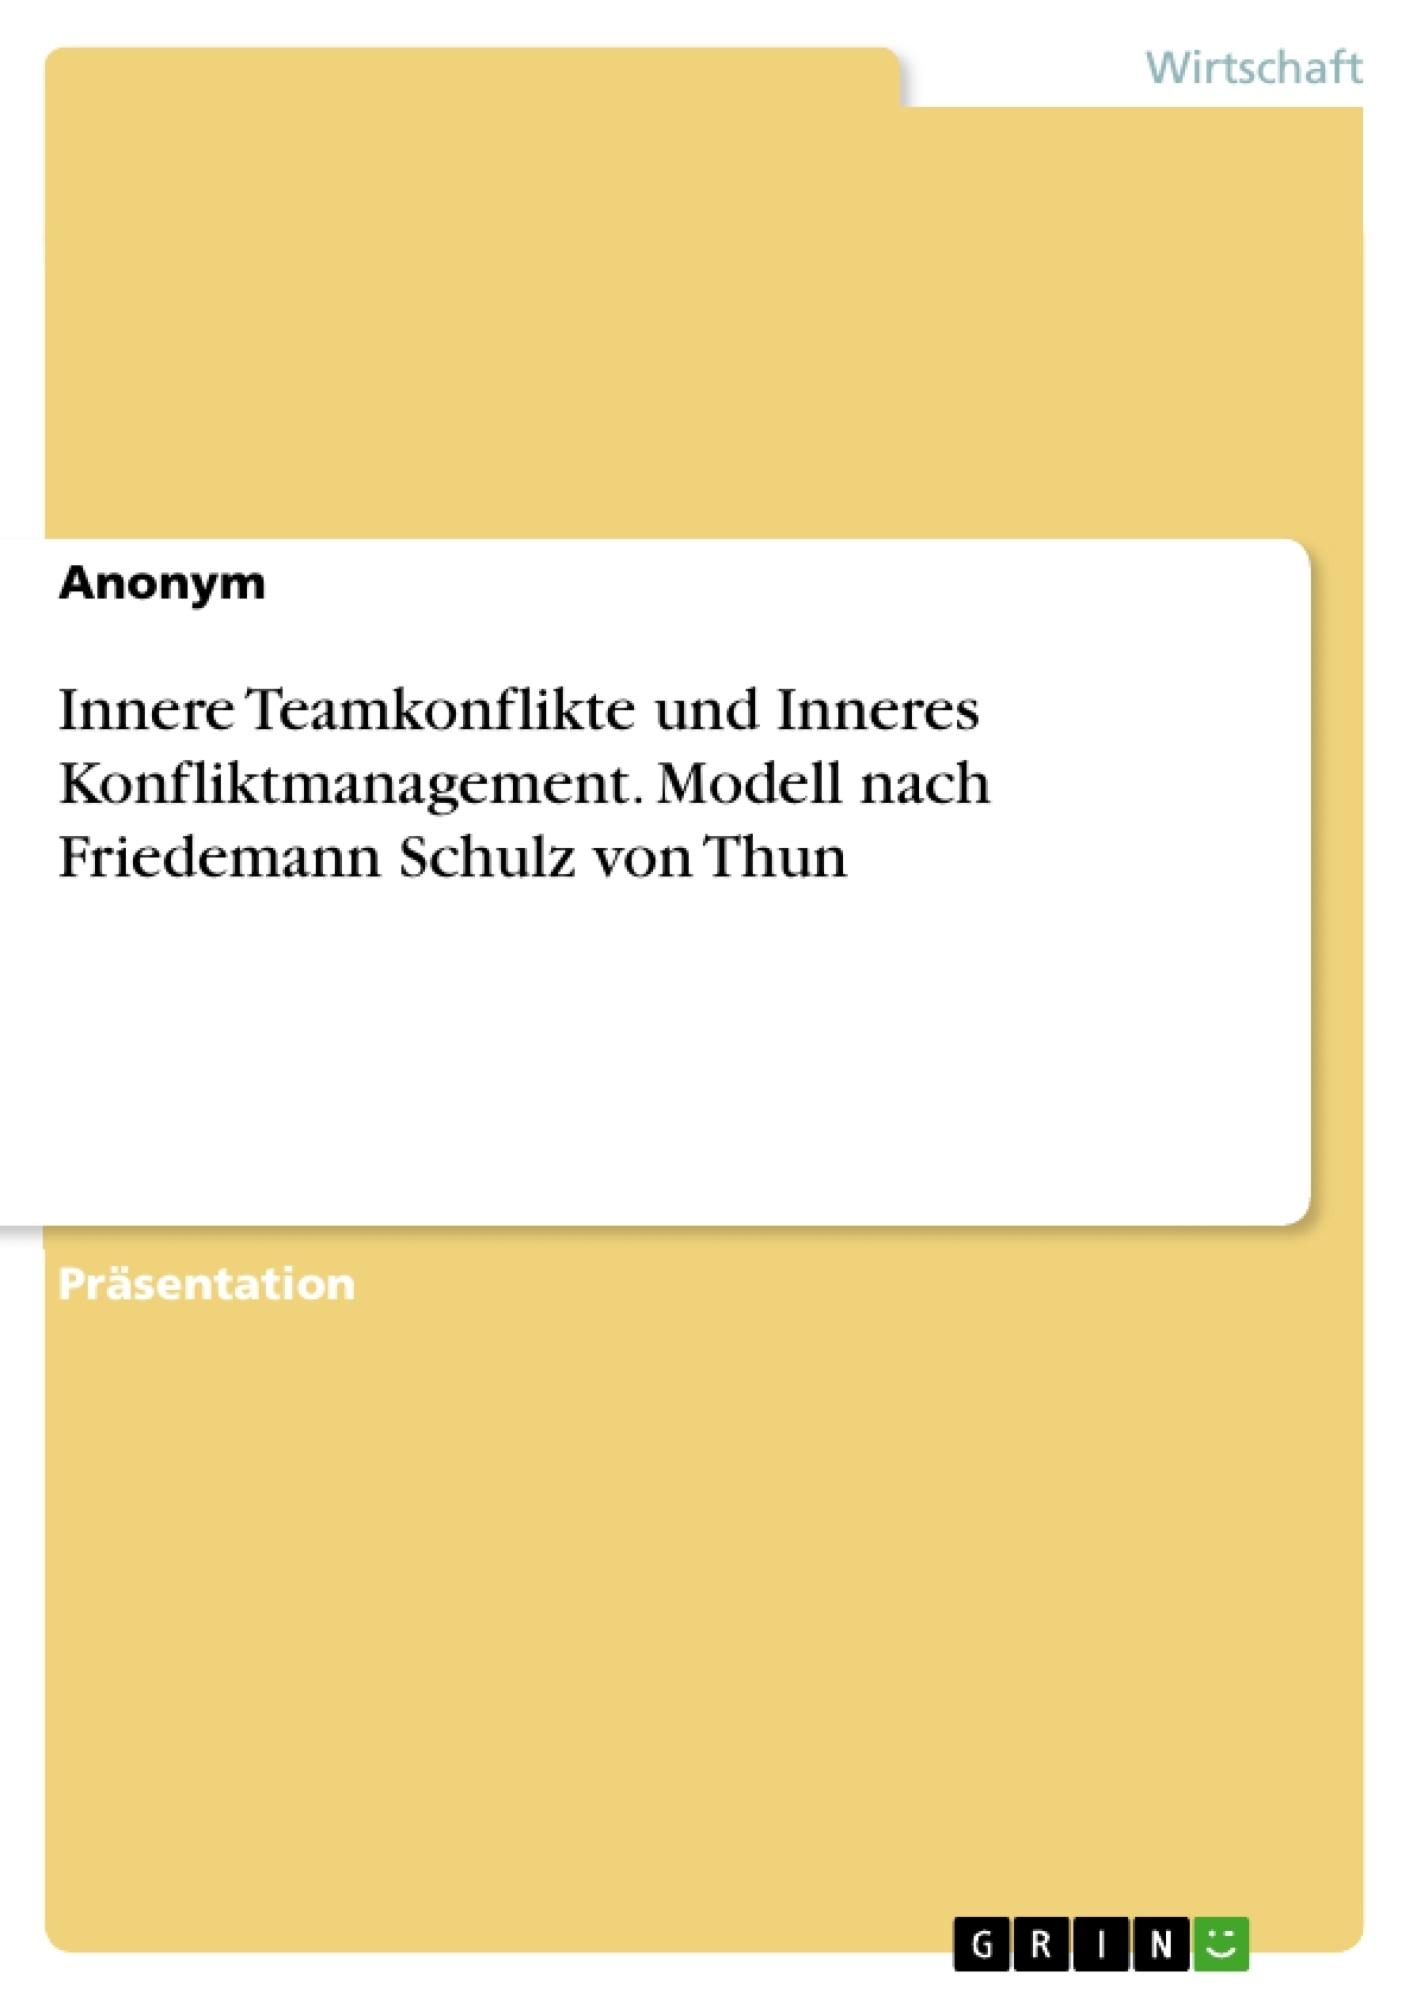 Titel: Innere Teamkonflikte und Inneres Konfliktmanagement. Modell nach Friedemann Schulz von Thun